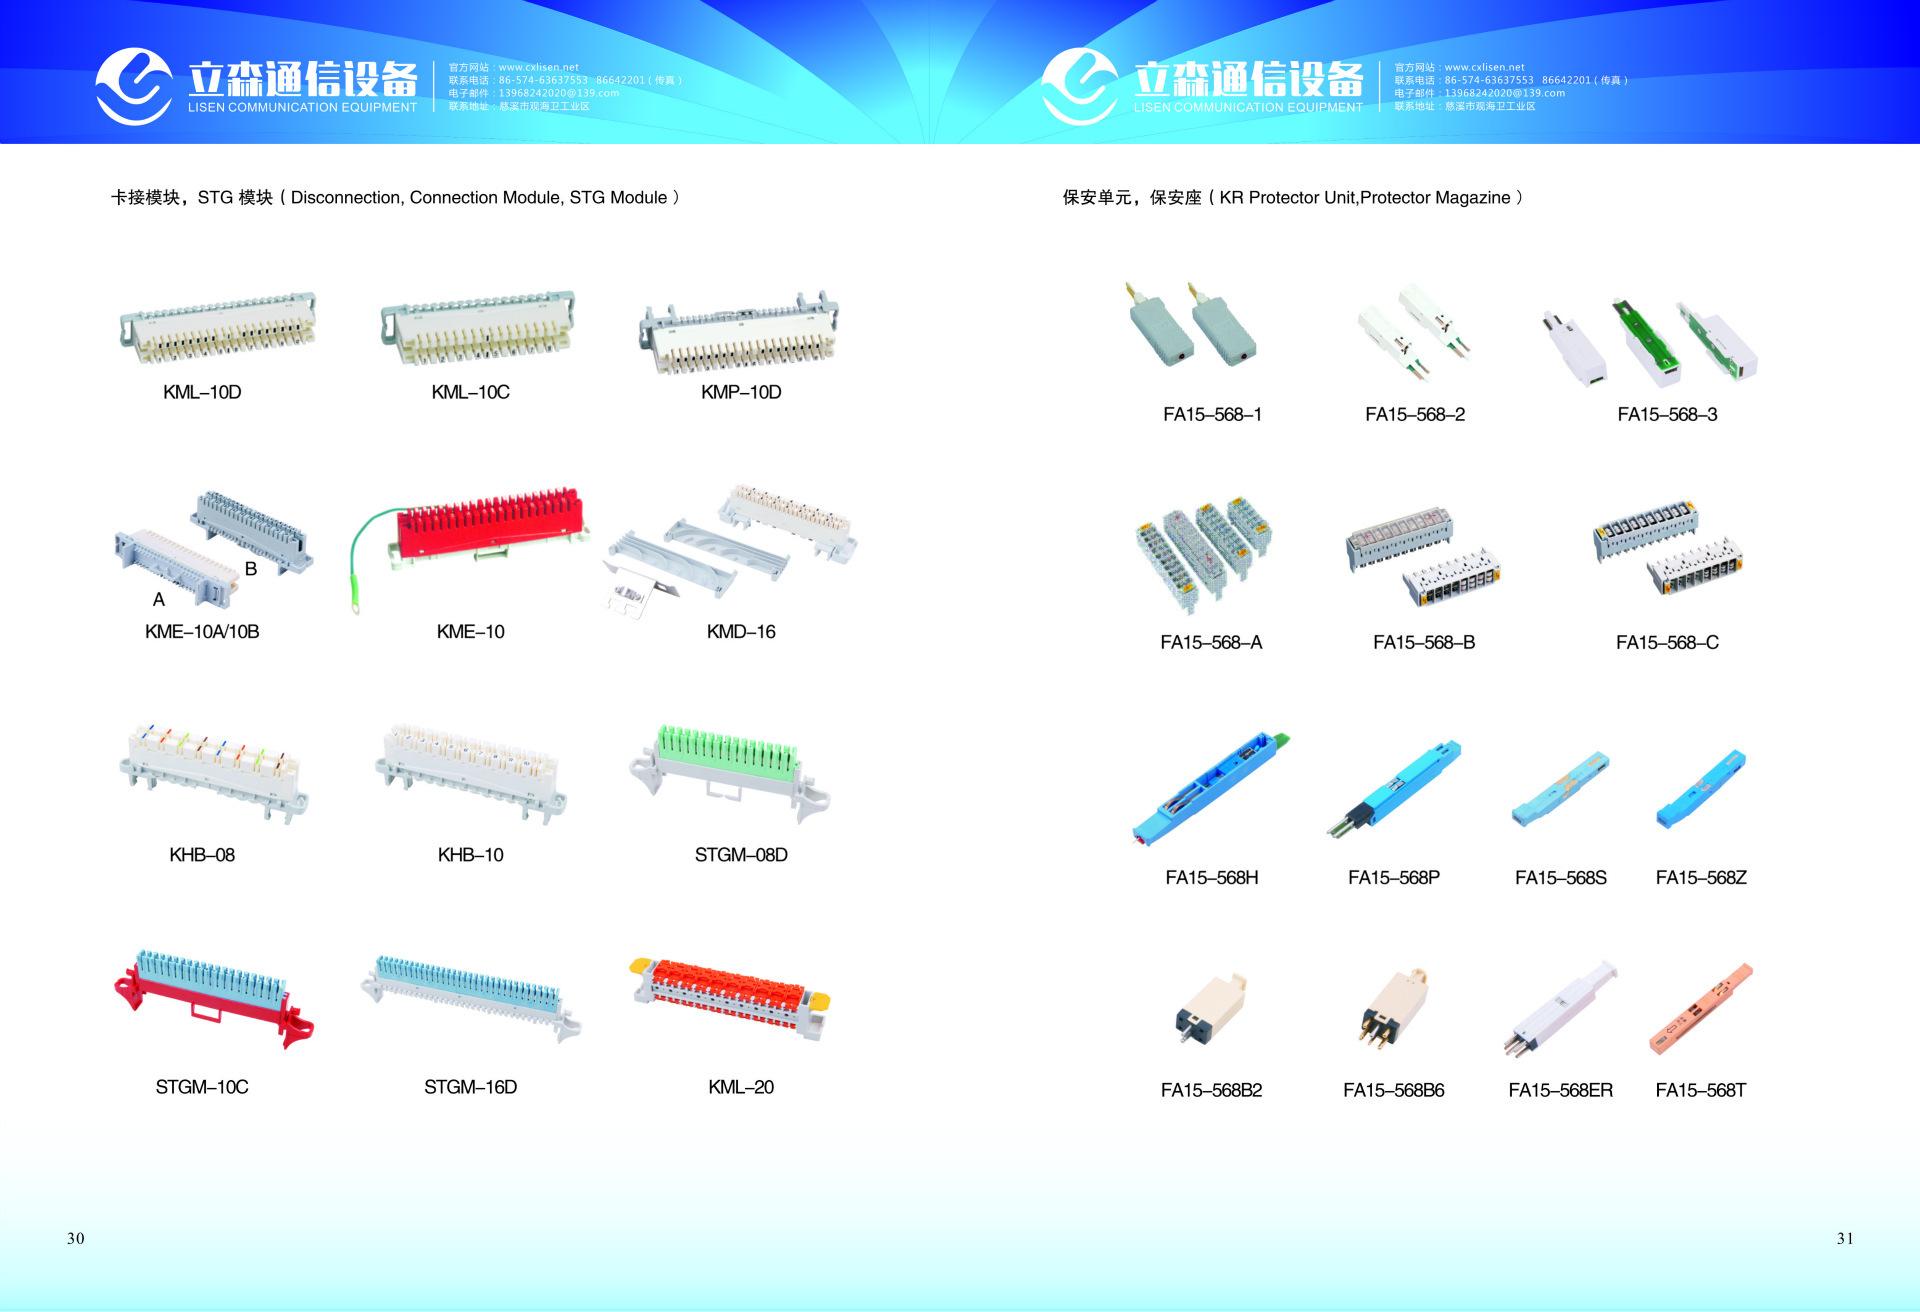 厂家供应SMC玻璃钢材质144芯288芯360芯光缆交接箱图片_10